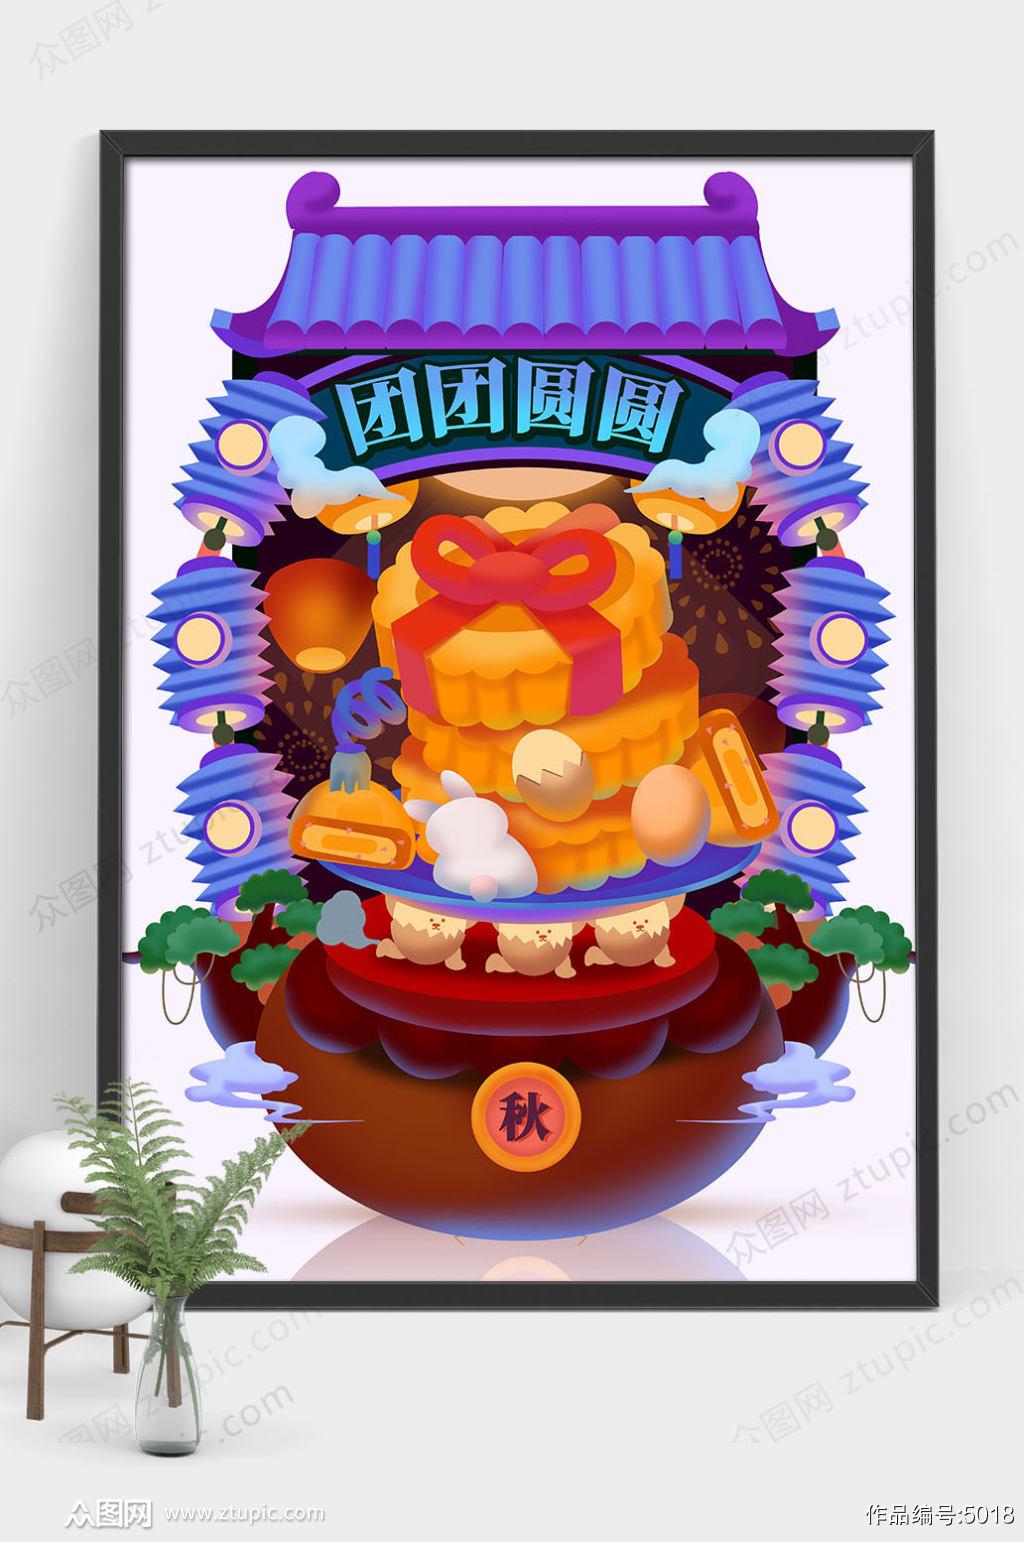 中秋节插画素材